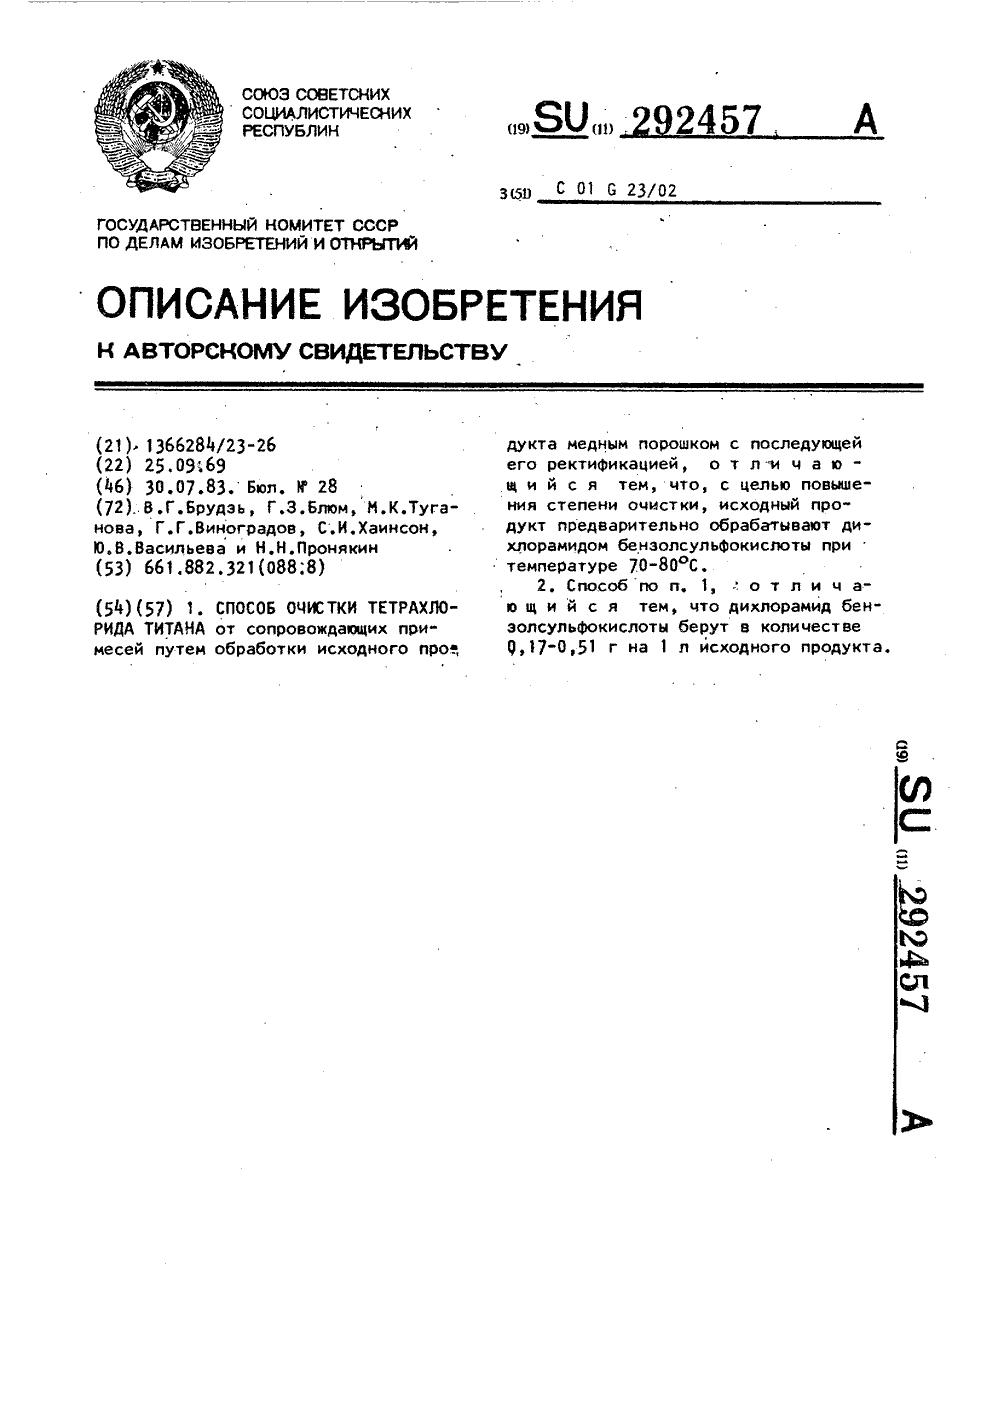 Очистка тетрахлорида титана